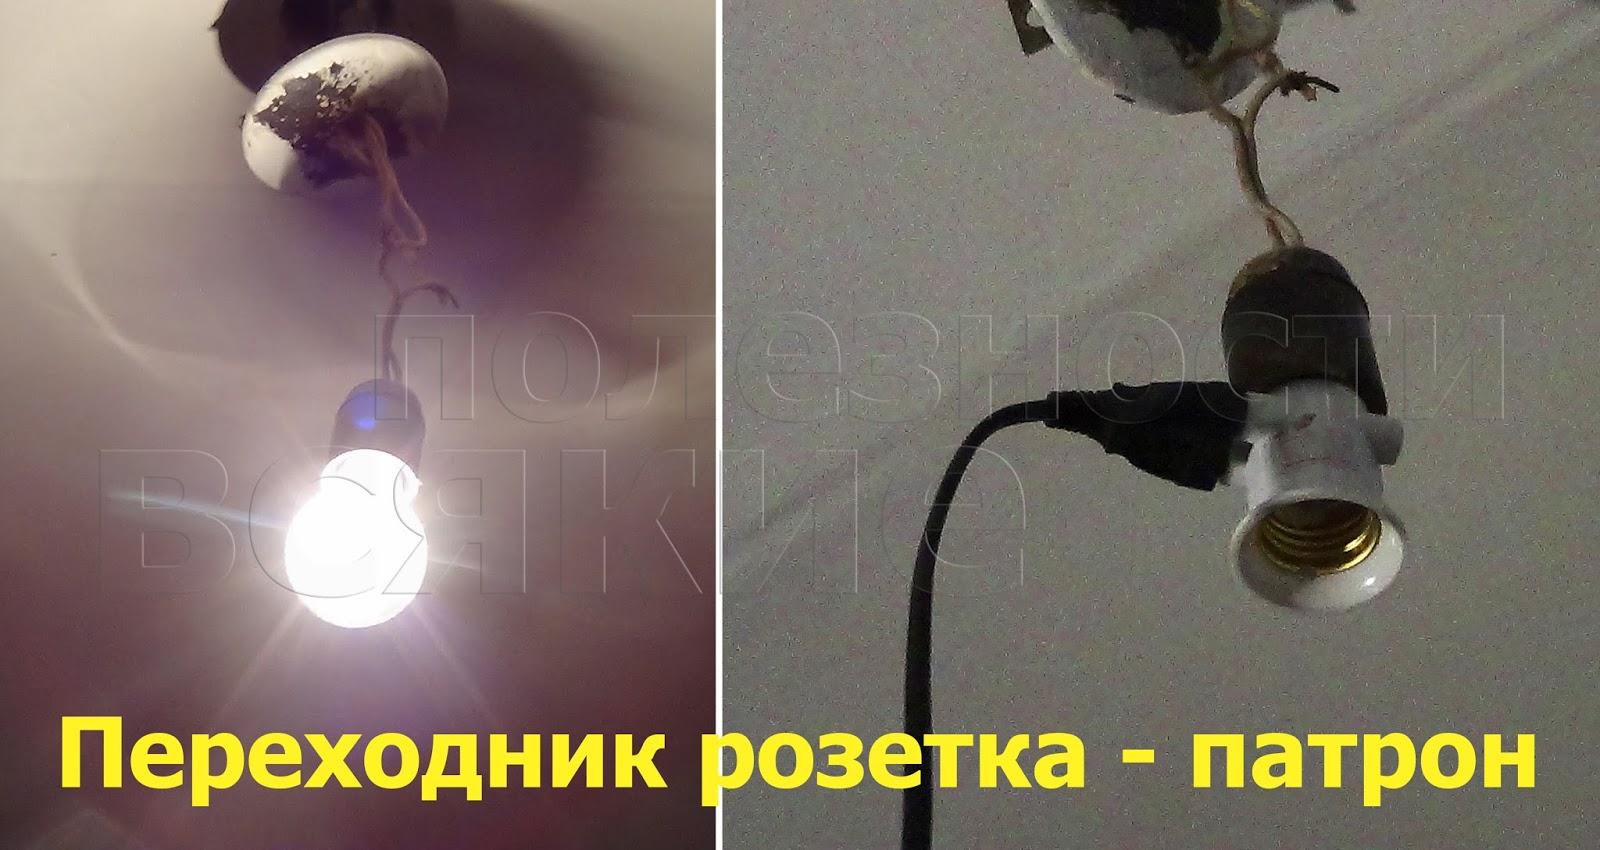 переходник розетка - патрон вставляется вместо лампочки и дает возможность запитаться